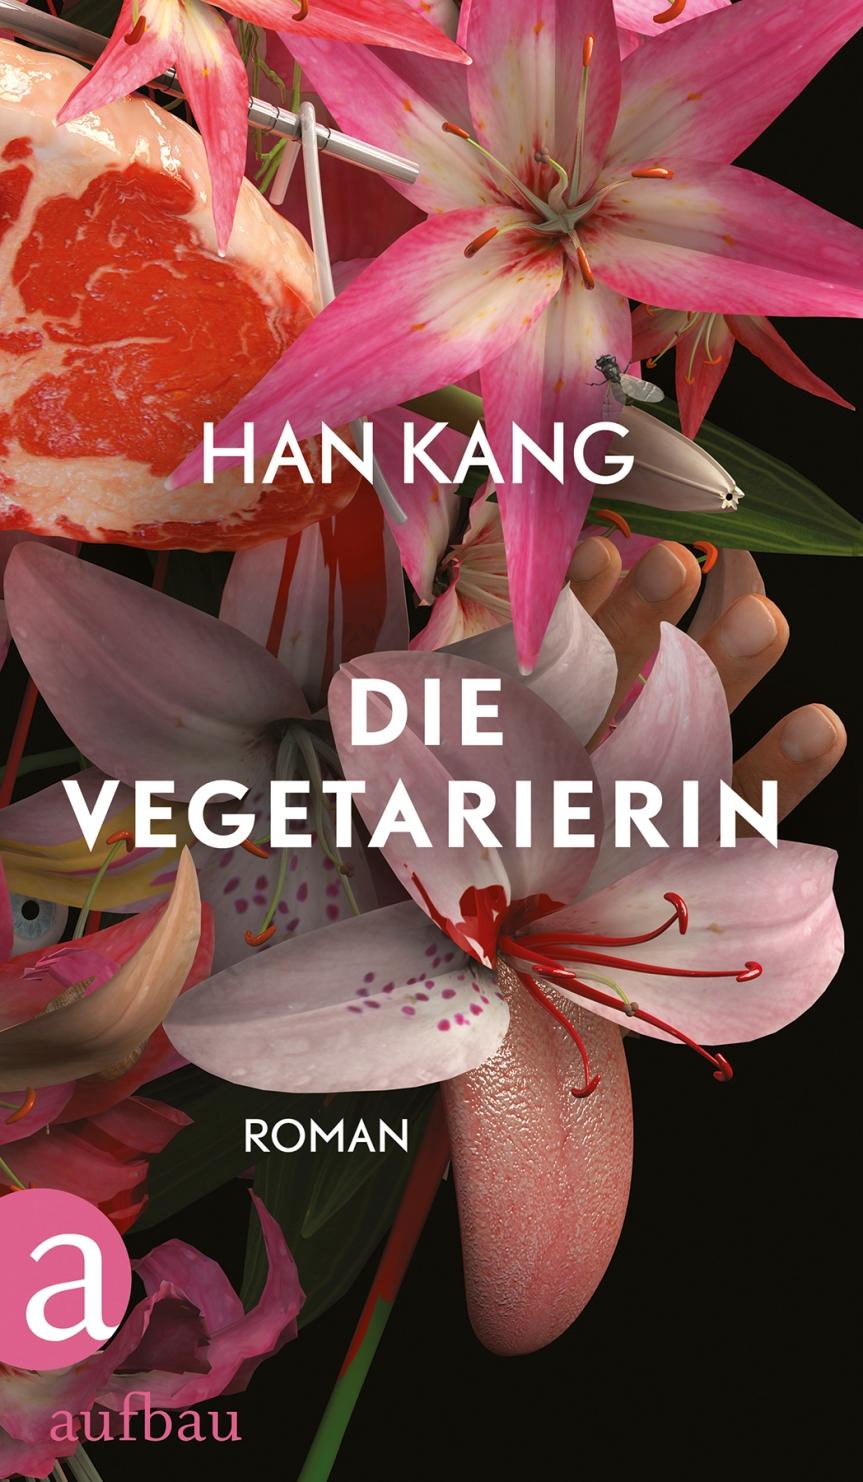 Die Vegetarierin, die eine Veganerin war und eine Pflanze werden wollte: Neue Rezension aufbookwatch.de